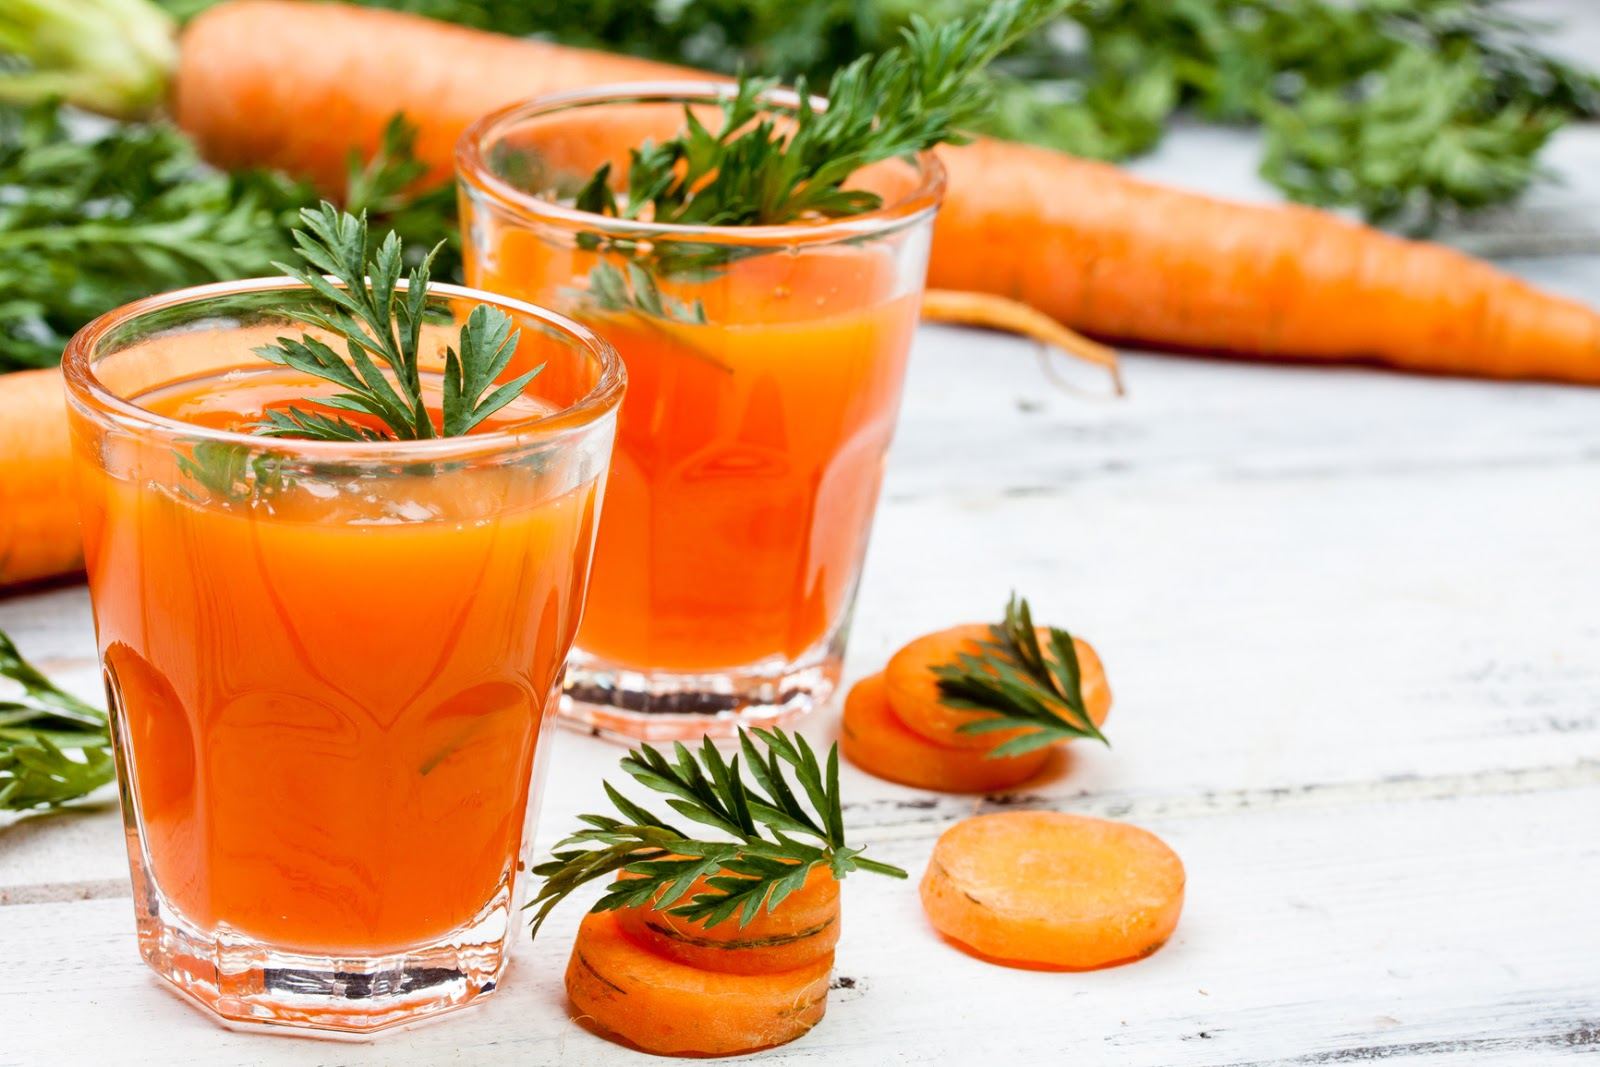 Морковь: польза, её свойства и вред, а также противопоказания для здоровья человека, поможет ли организму от изжоги и при лечении рака, и как применять для лица? русский фермер